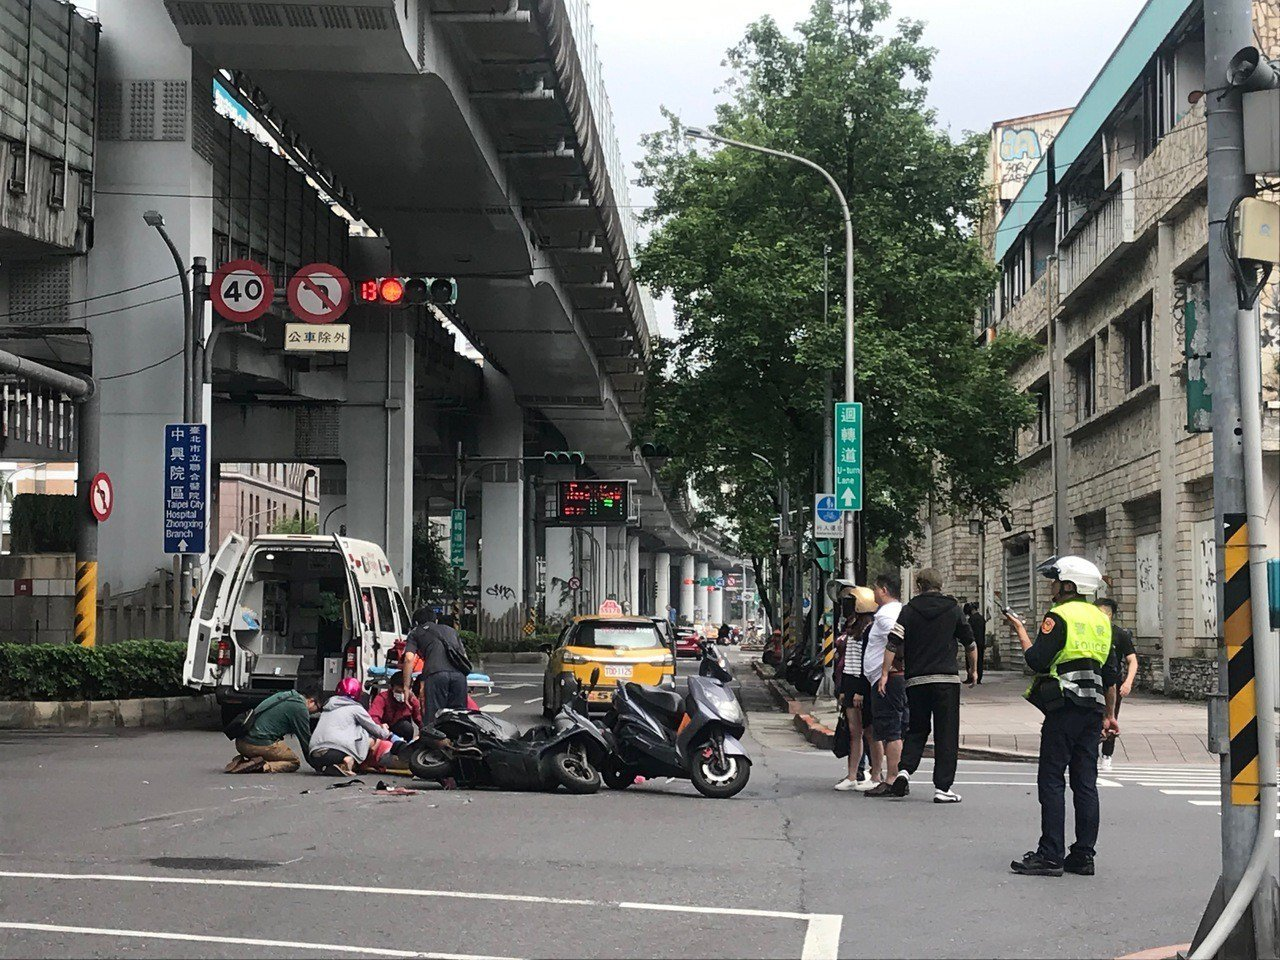 貨車撞3機車,女乘客腿骨折送醫。記者蕭雅娟/攝影